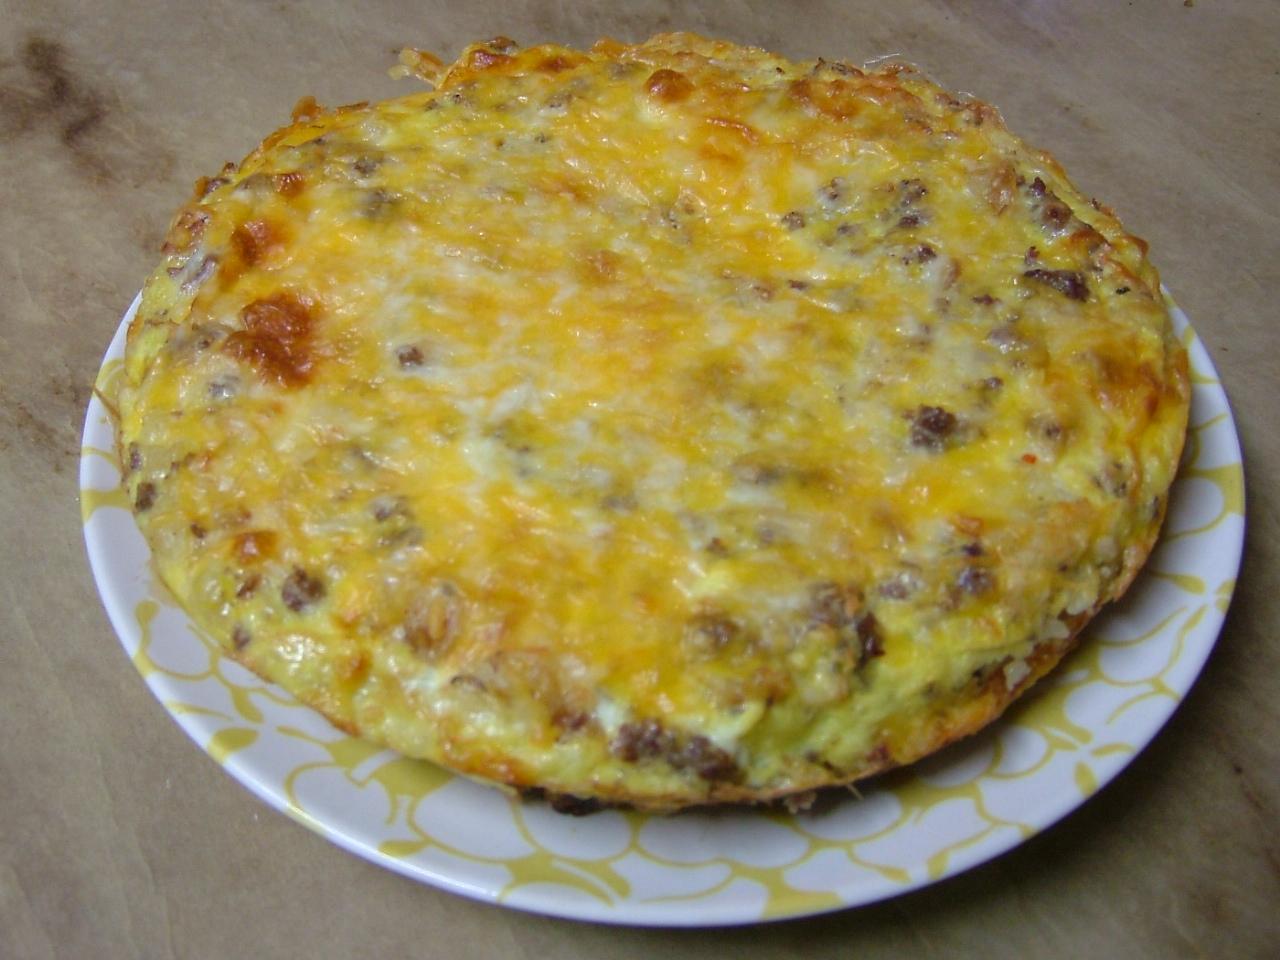 ... Main Dish Main Dish - Other Sausage Frittata (spanish Tortilla Style